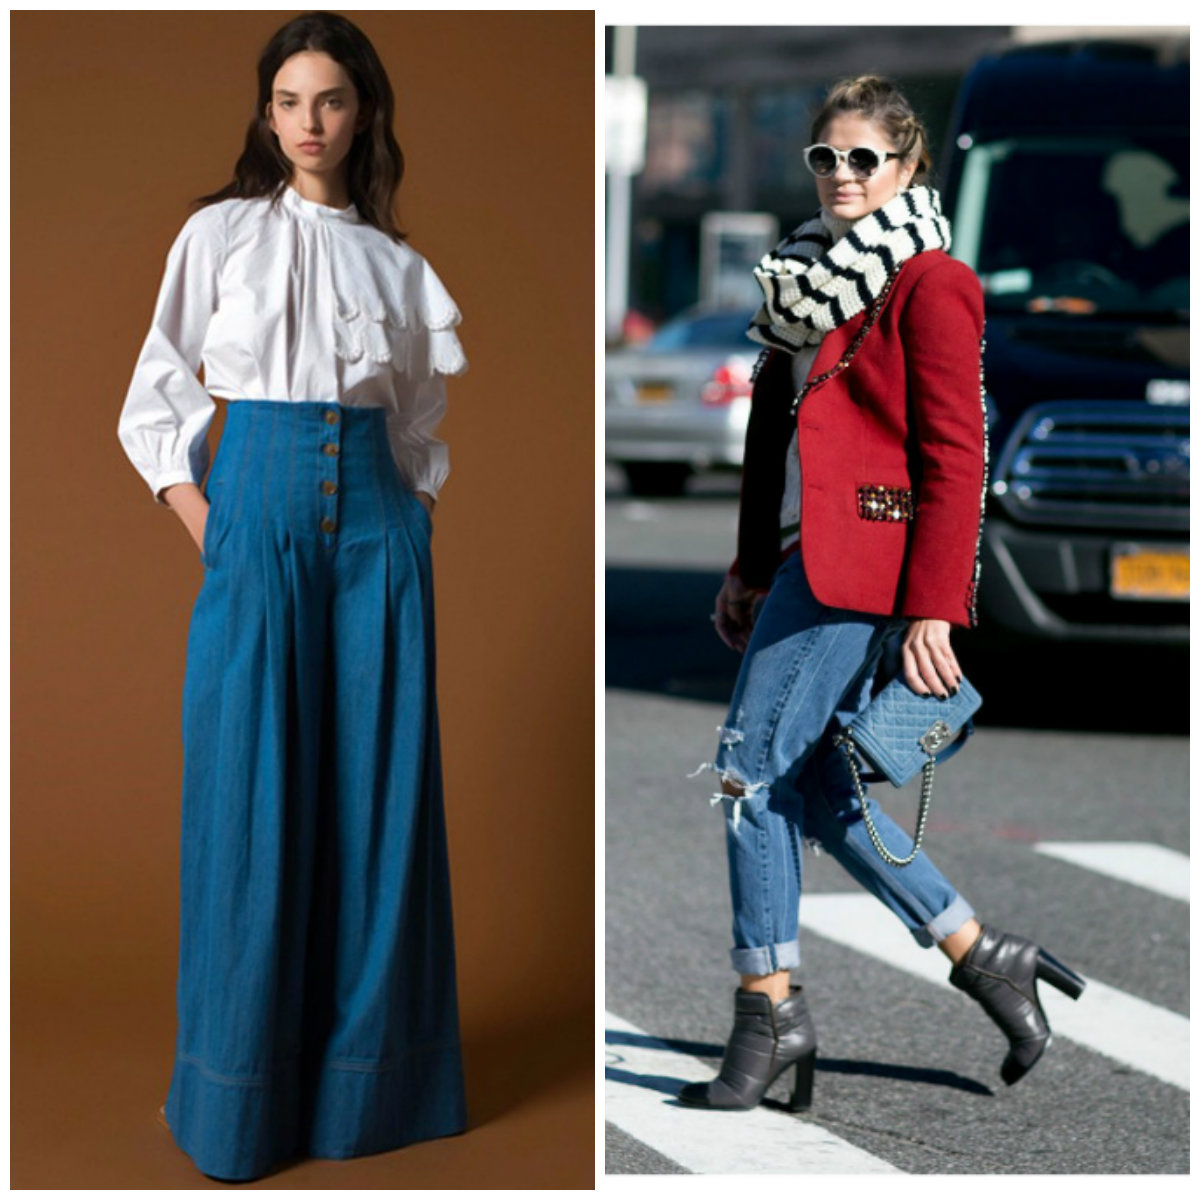 Тенденции-женской-моды-2019-года-фото-одежда-из-денима-деловой-стиль-авангард-Тенденции женской моды 2019